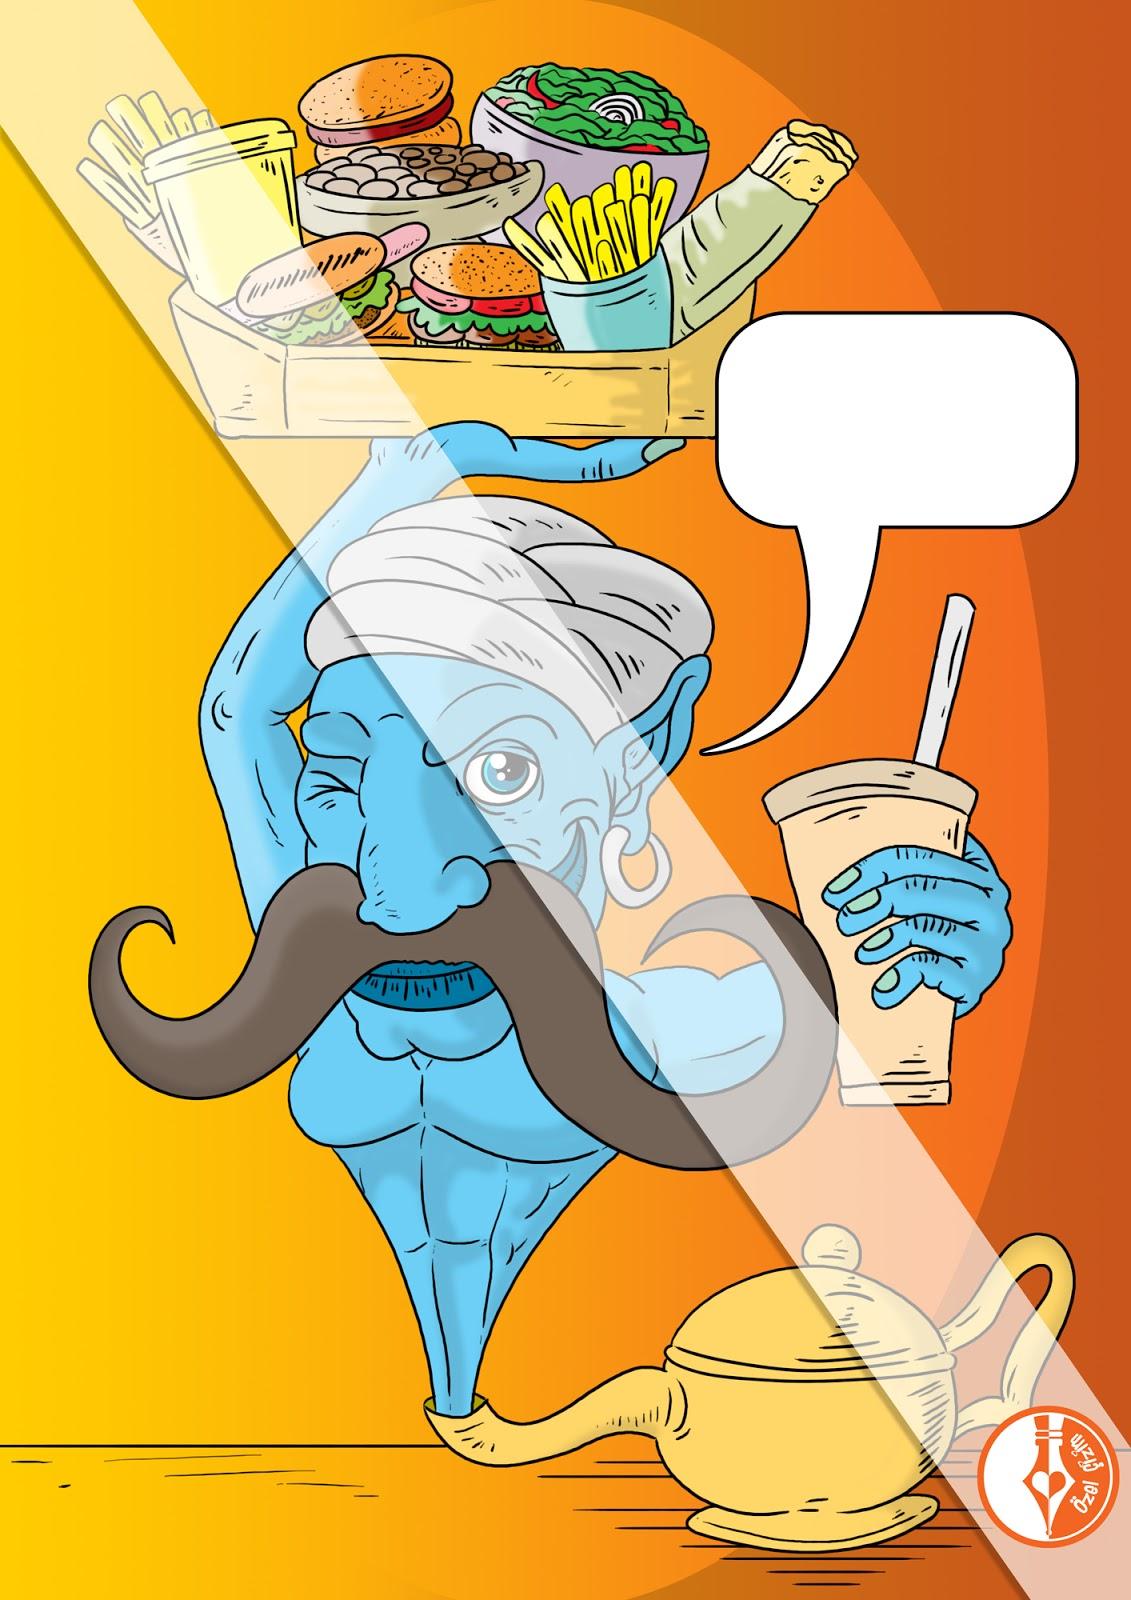 fark yarat, fikir, firma, firma tanıtım, freelance grafiker, illustrasyon, karikatür, karikatür çizimi, reklam, reklam çizimi, sosyal medya, Tasarım, yaratıcı tasarımlar, yemek sepeti, yemeksepeti.com, yaratıcı reklam